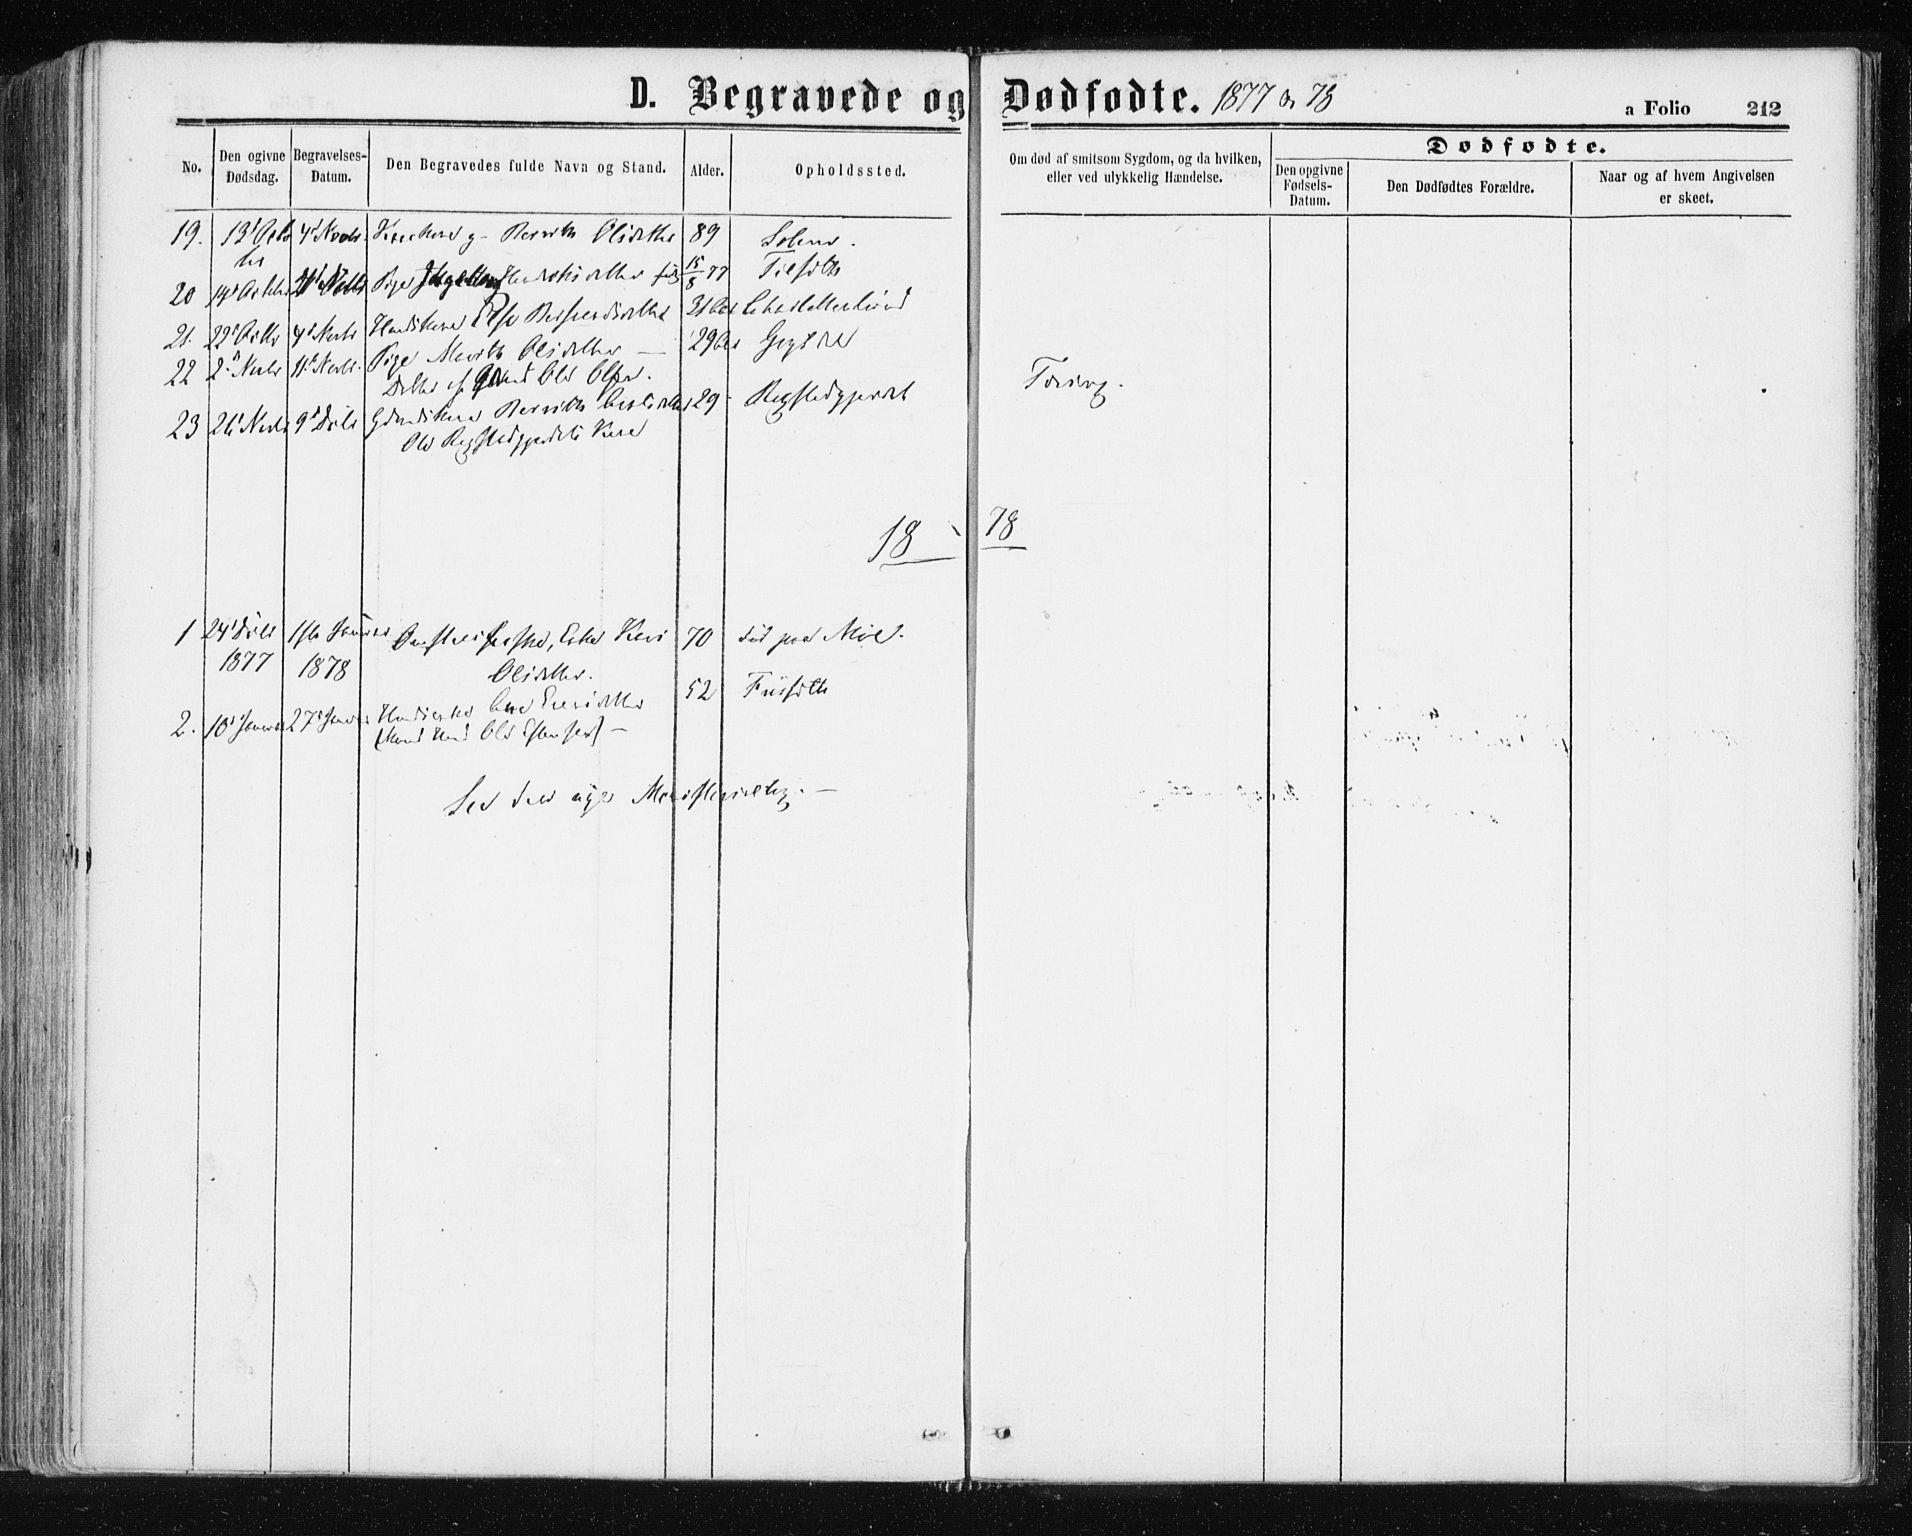 SAT, Ministerialprotokoller, klokkerbøker og fødselsregistre - Sør-Trøndelag, 687/L1001: Ministerialbok nr. 687A07, 1863-1878, s. 212